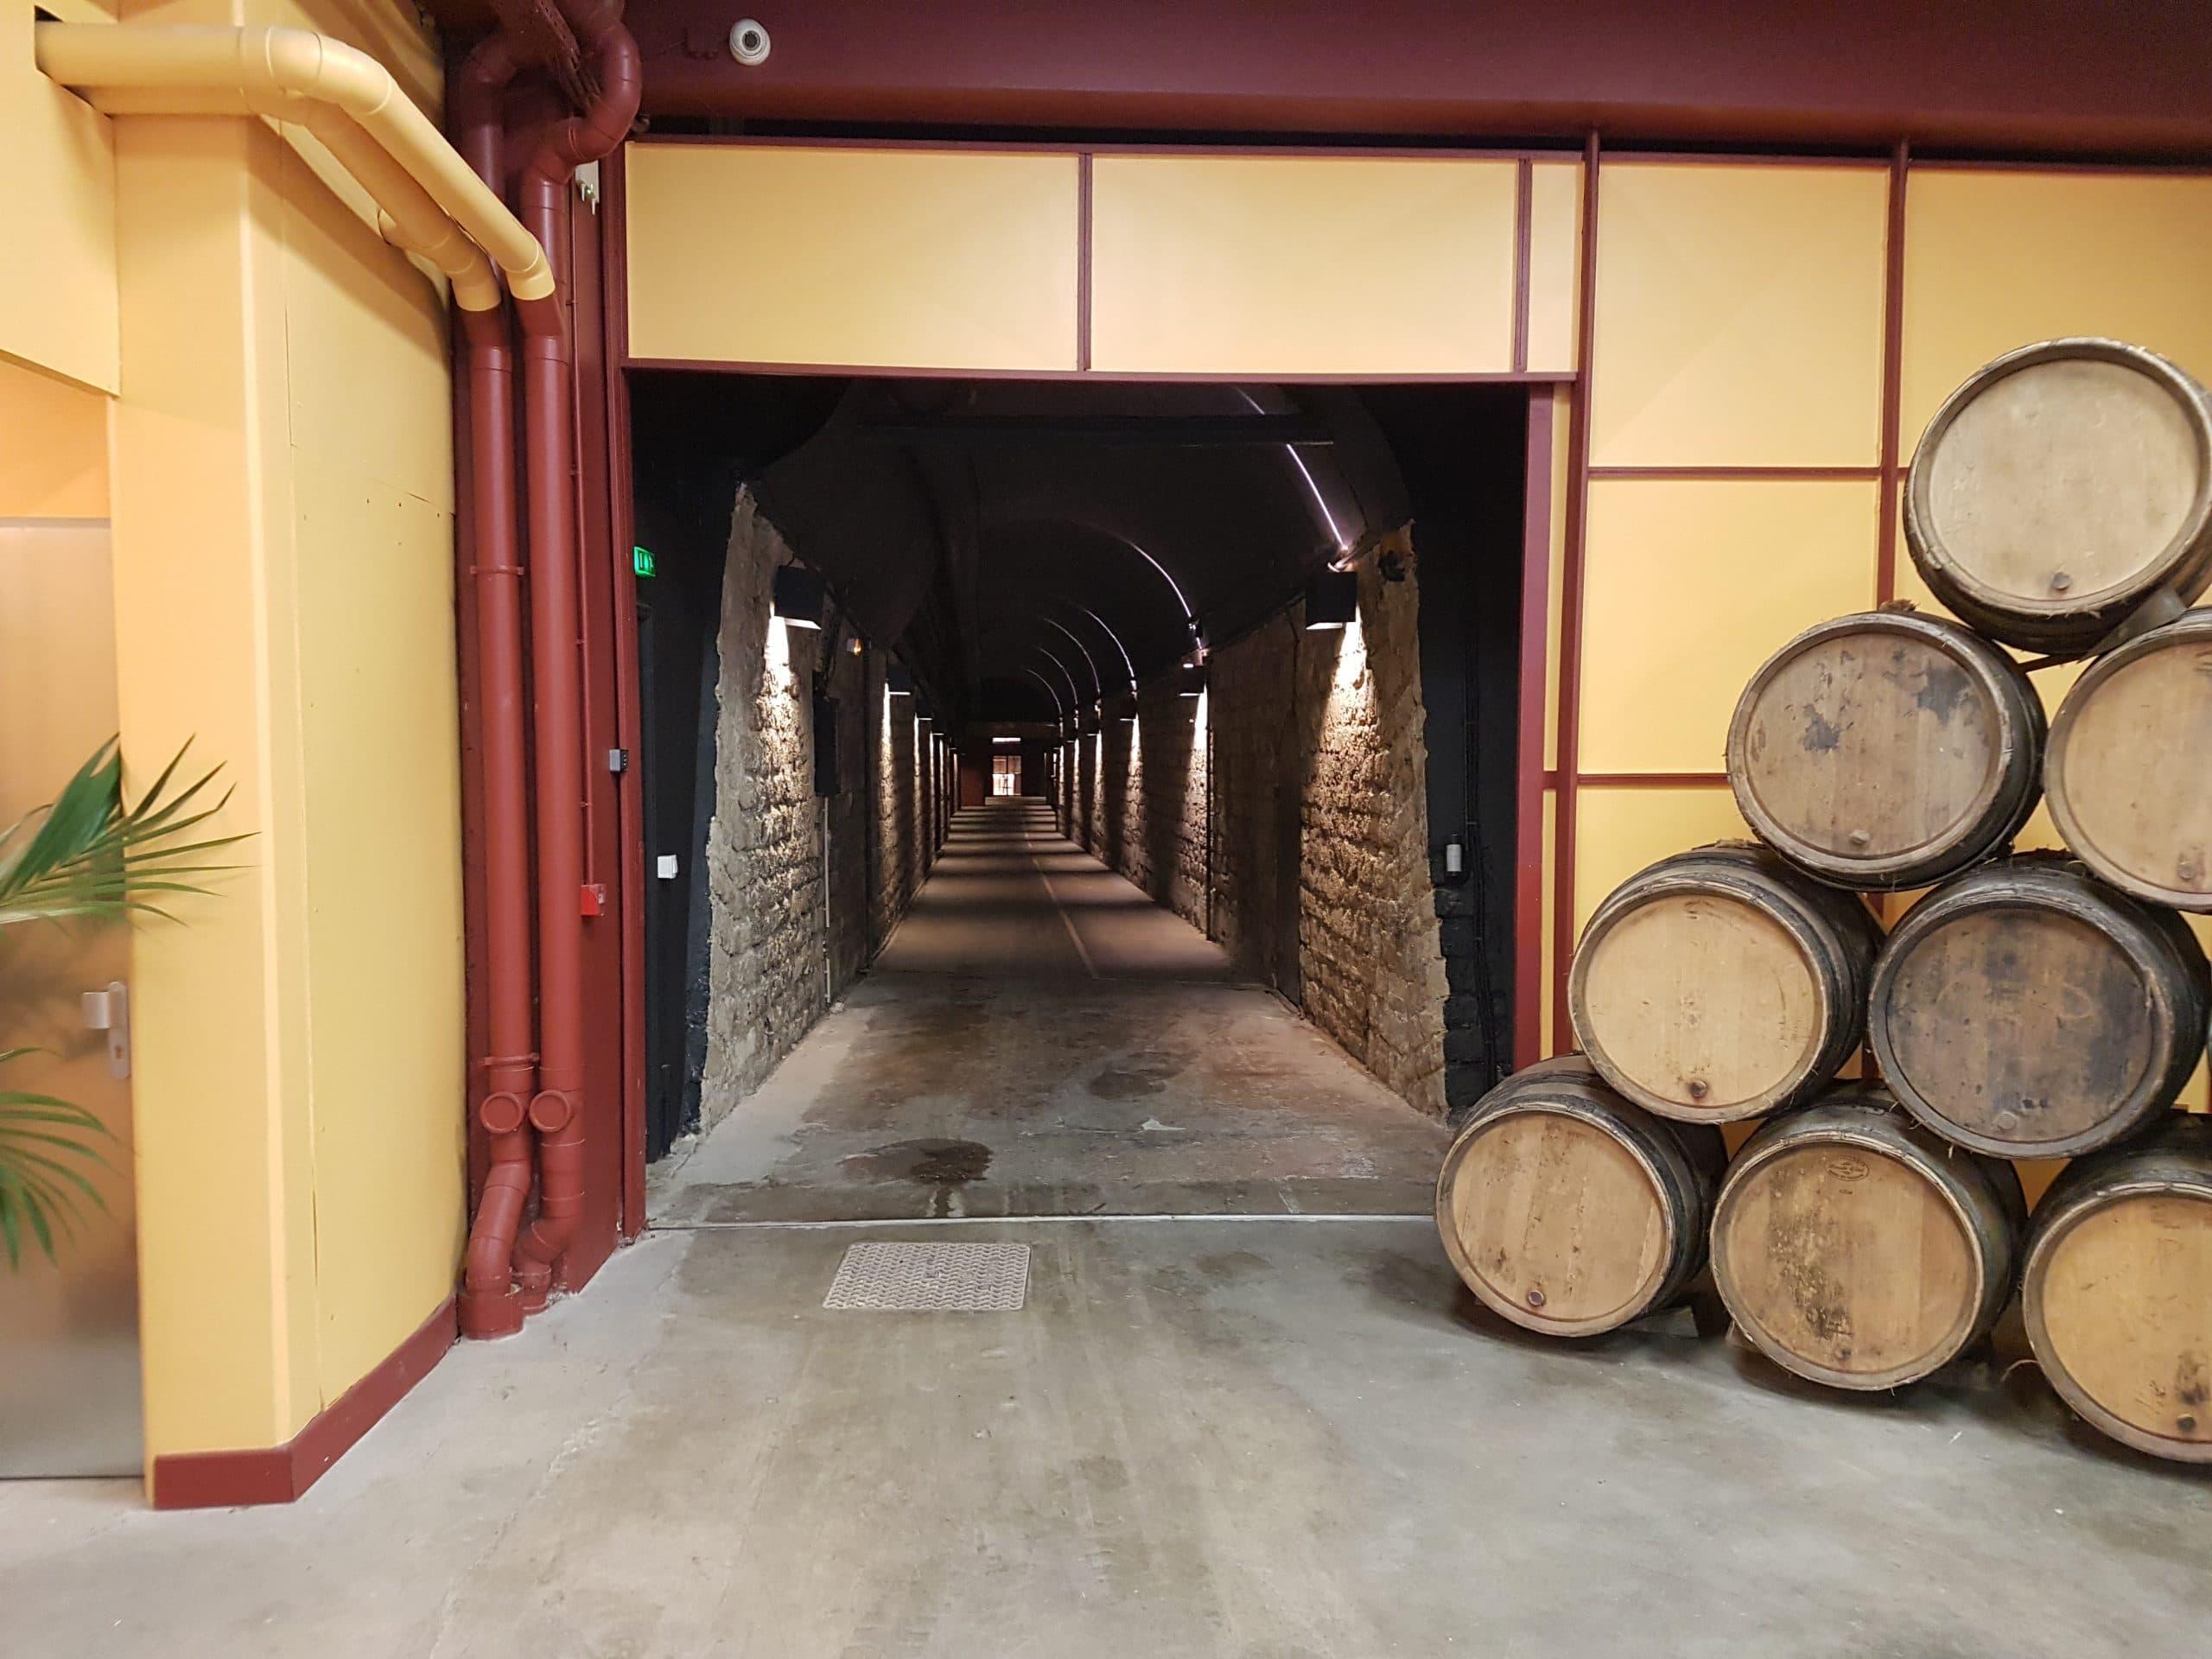 L'entrée de la cave privative de conservation des vins les Chais de France, sise à Issy-les-Moulineaux. Article du e.magazine Aeternus.frPhoto © Pierre d'Ornano